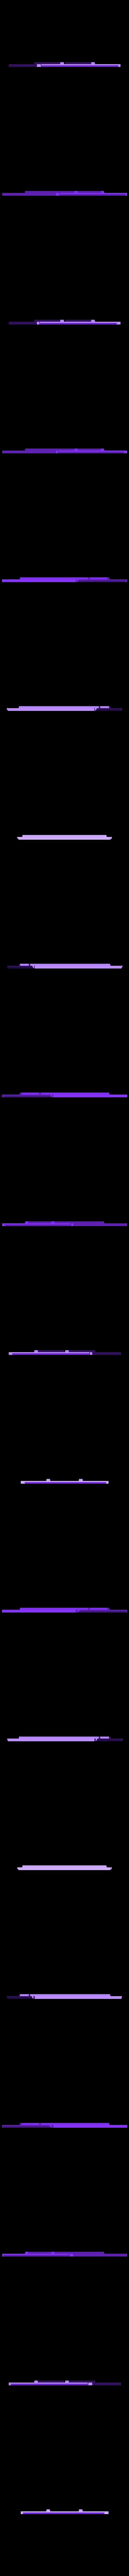 door_v2.stl Télécharger fichier STL gratuit Boxcar russe série 11-270, échelle HO • Design pour impression 3D, positron